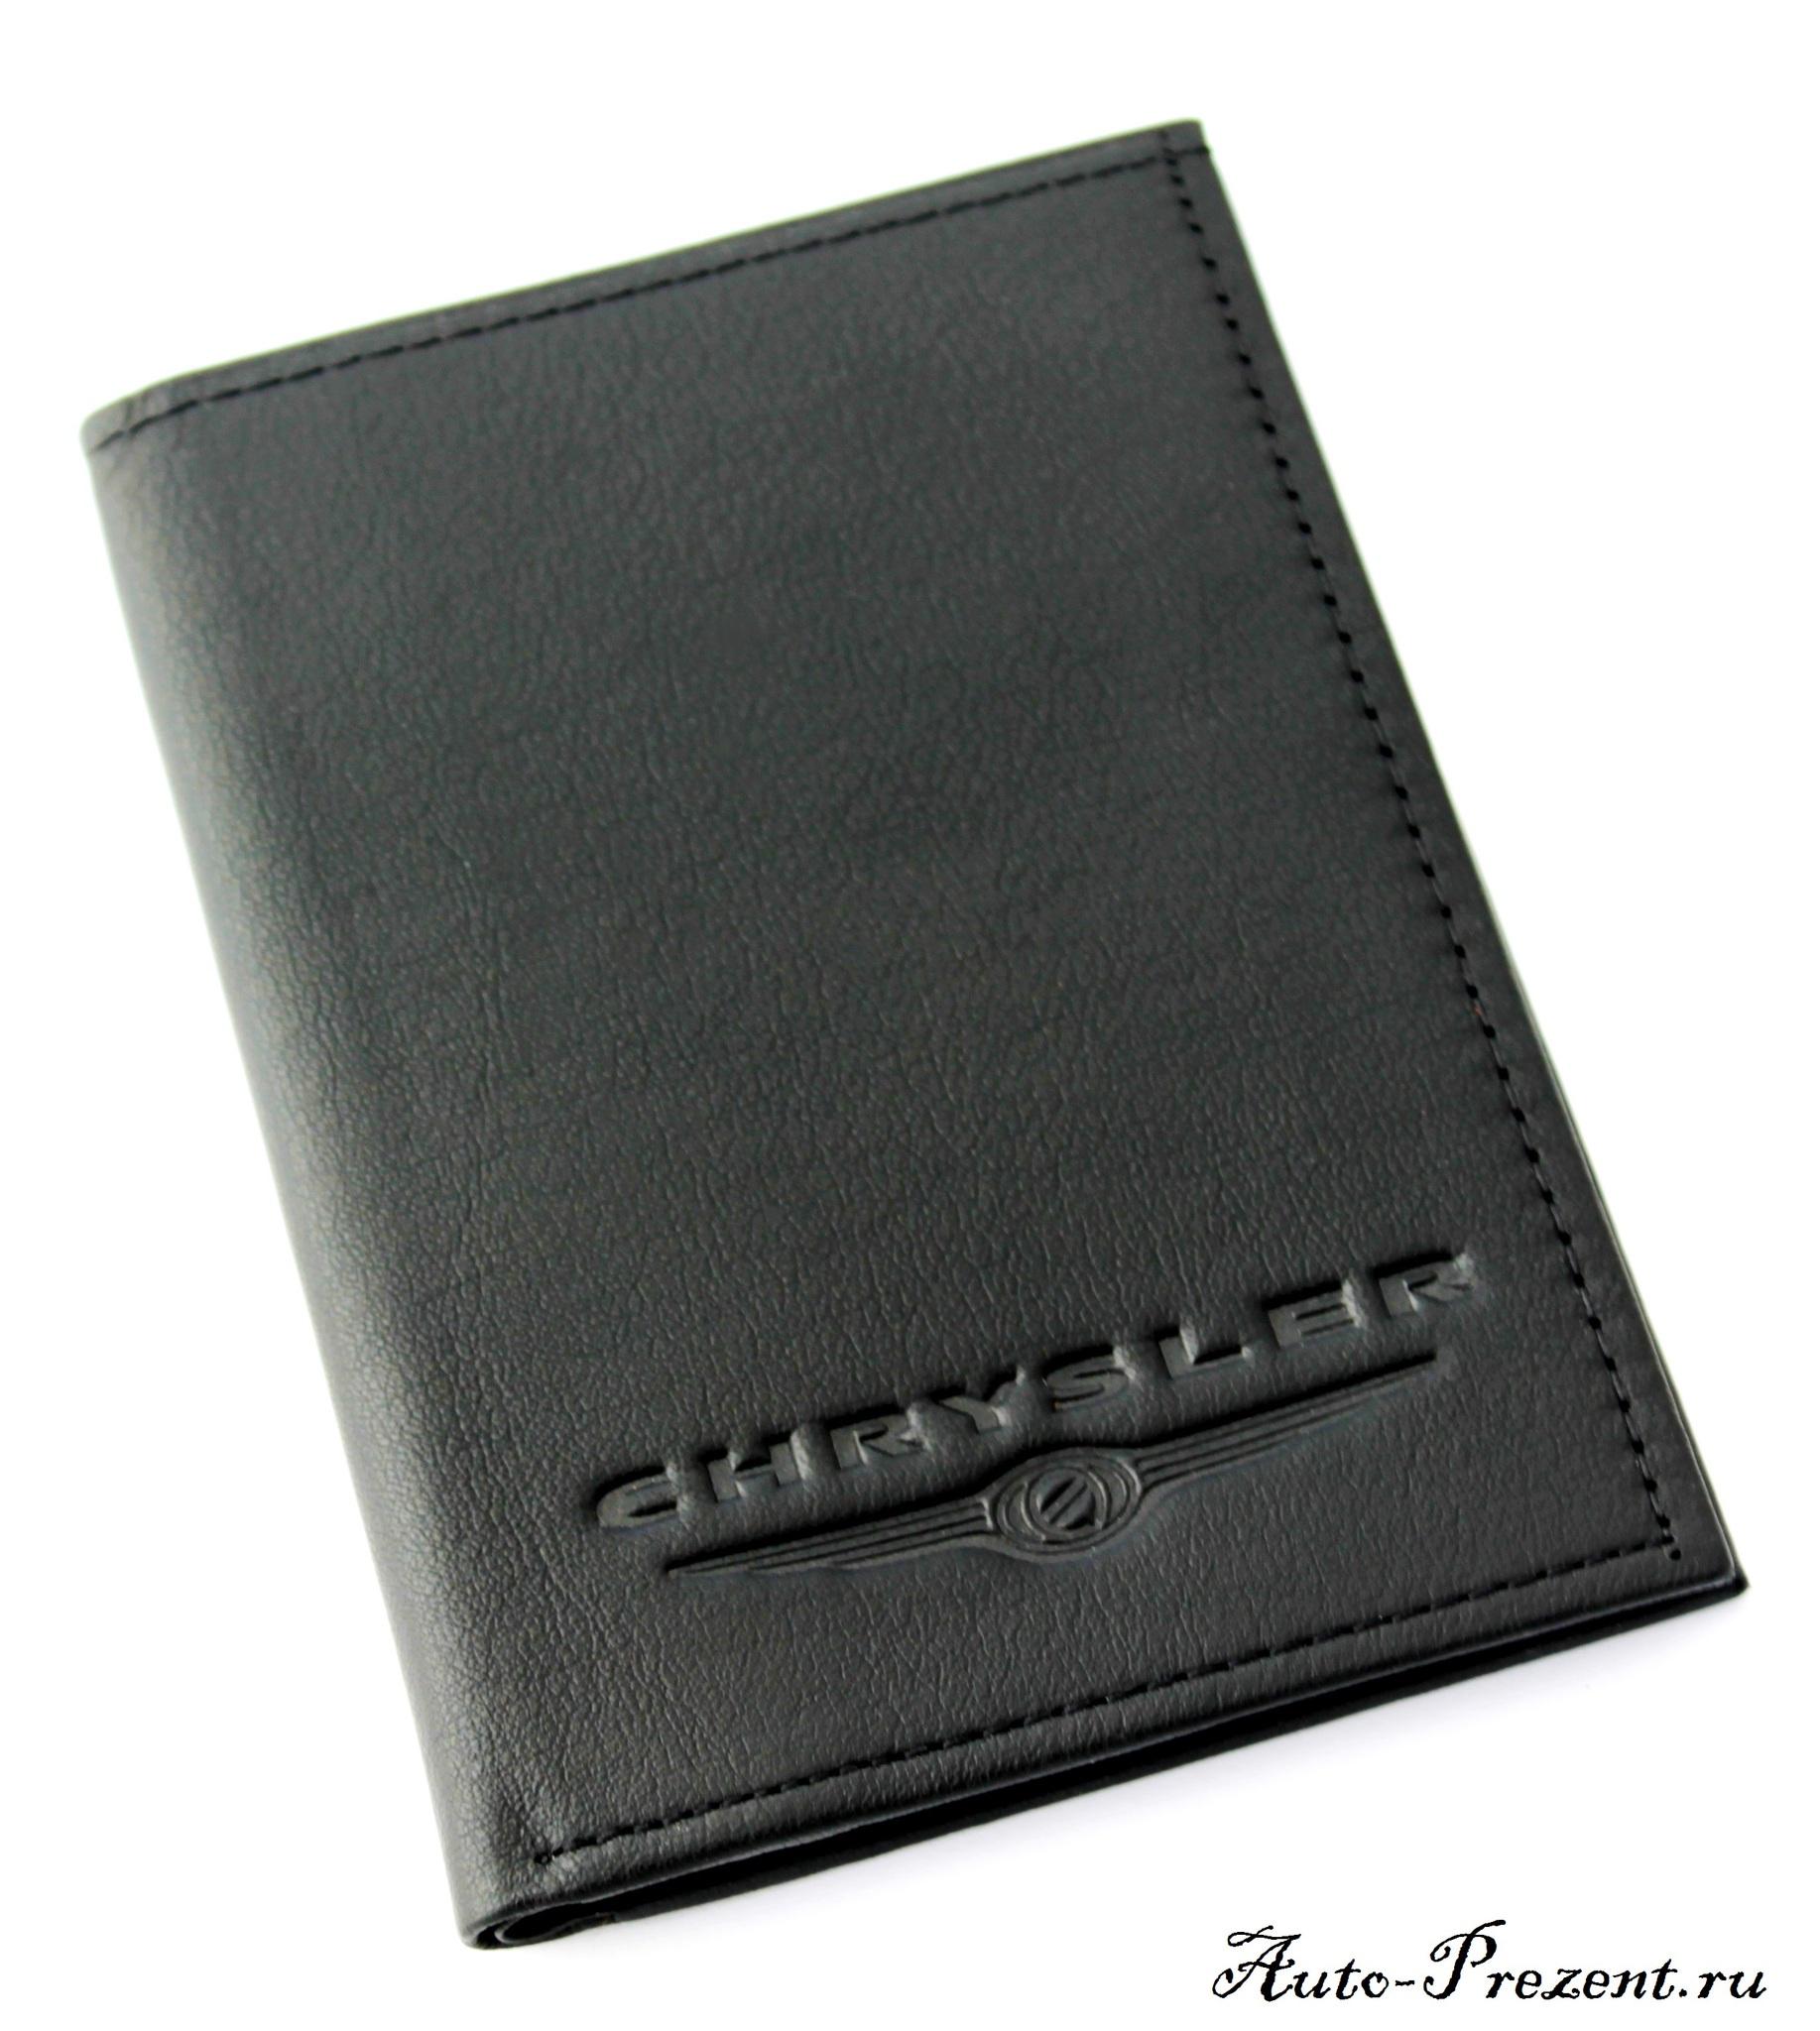 Портмоне для автодокументов из натуральной кожи с логотипом Chrysler